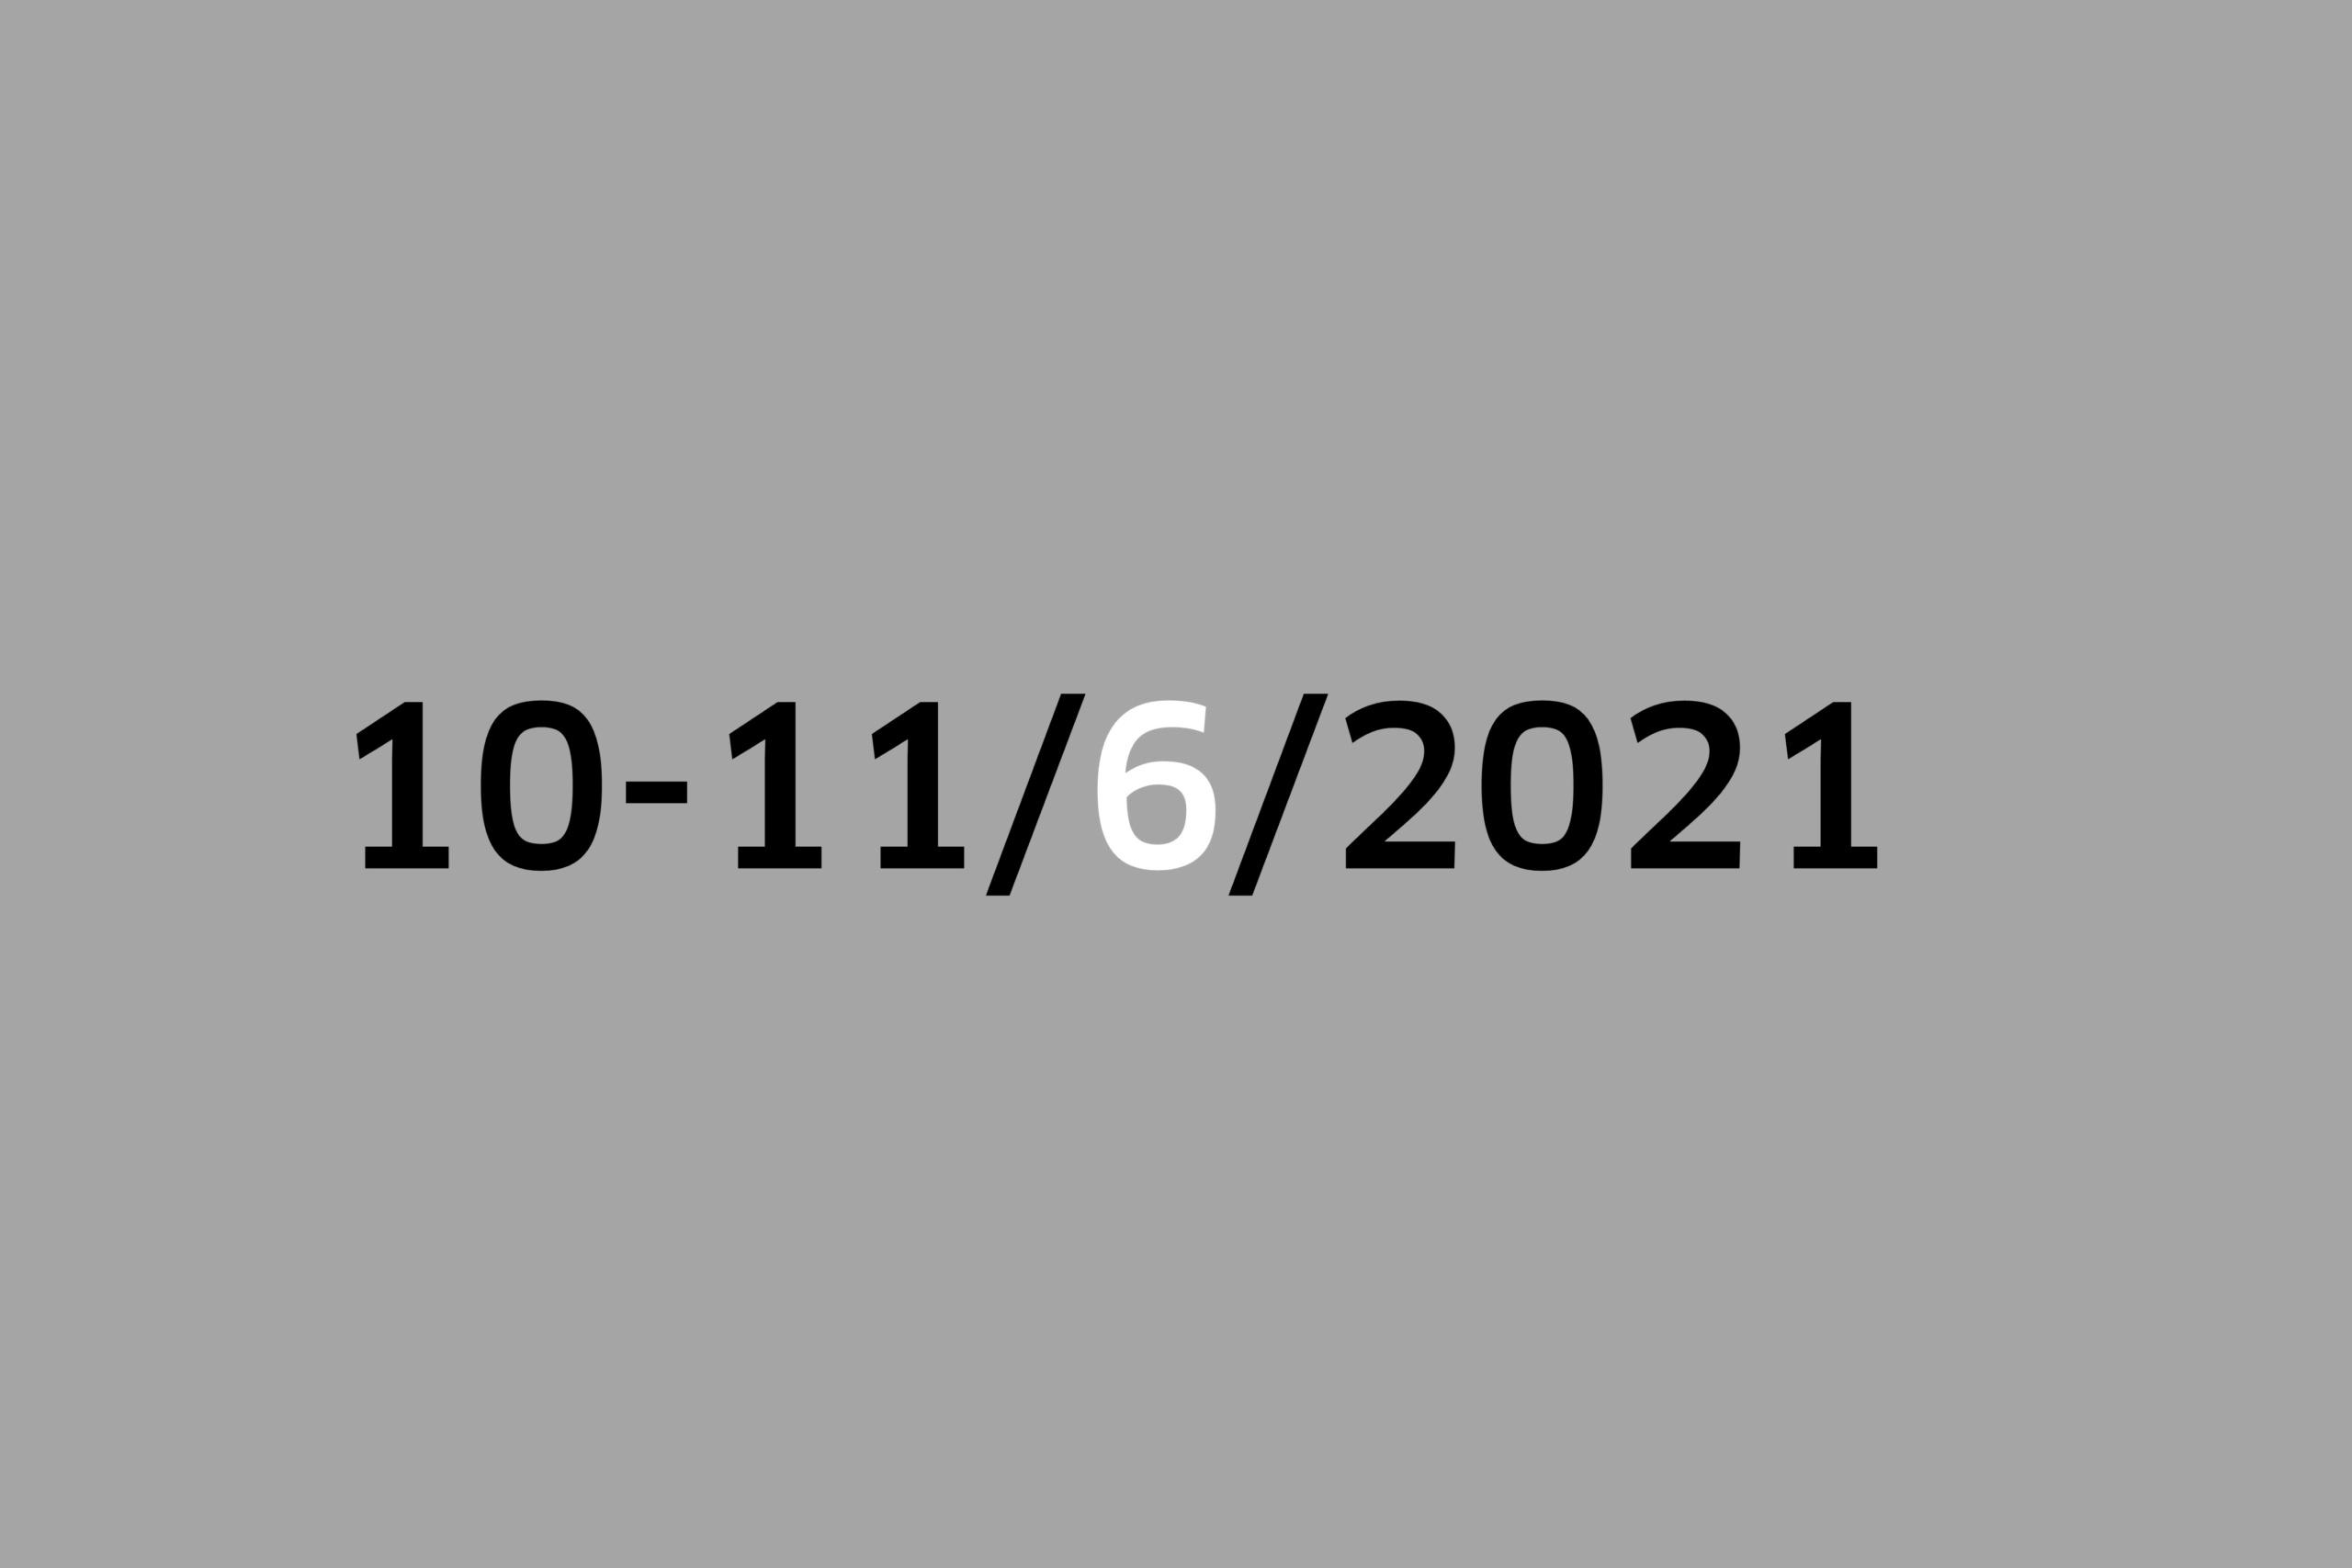 Studio 10-11/6/2021